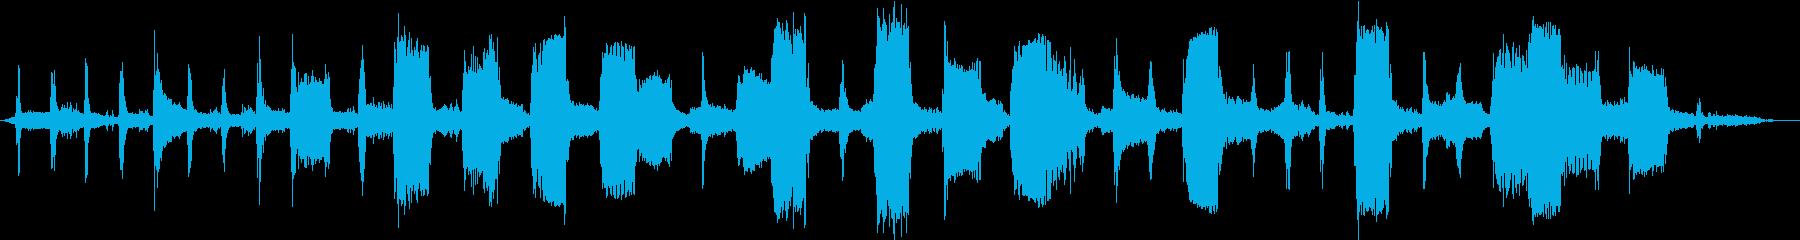 スキャナーのリズムプラッキング干渉の再生済みの波形